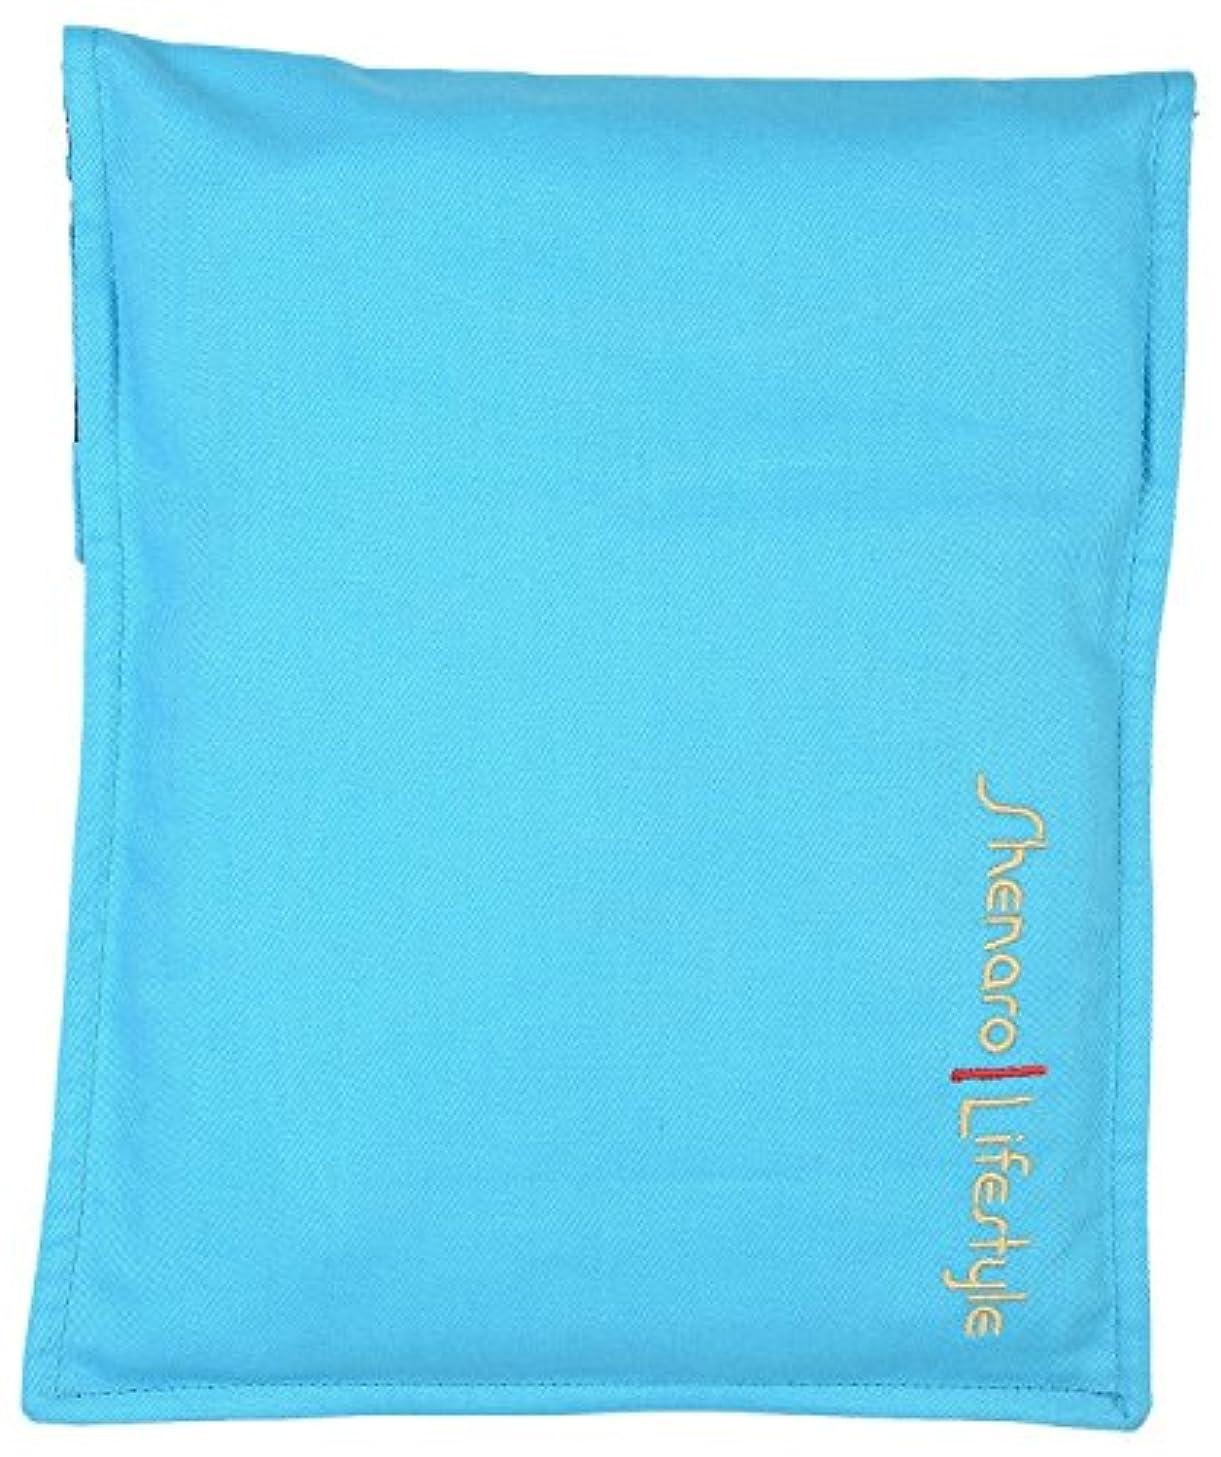 セールスマンナビゲーション感謝しているShenaro Lifestyle's: Cotton Organic and Eco-Friendly Pain Relief Wheat Bag with Treated Whole Grains and Aroma of Lavender